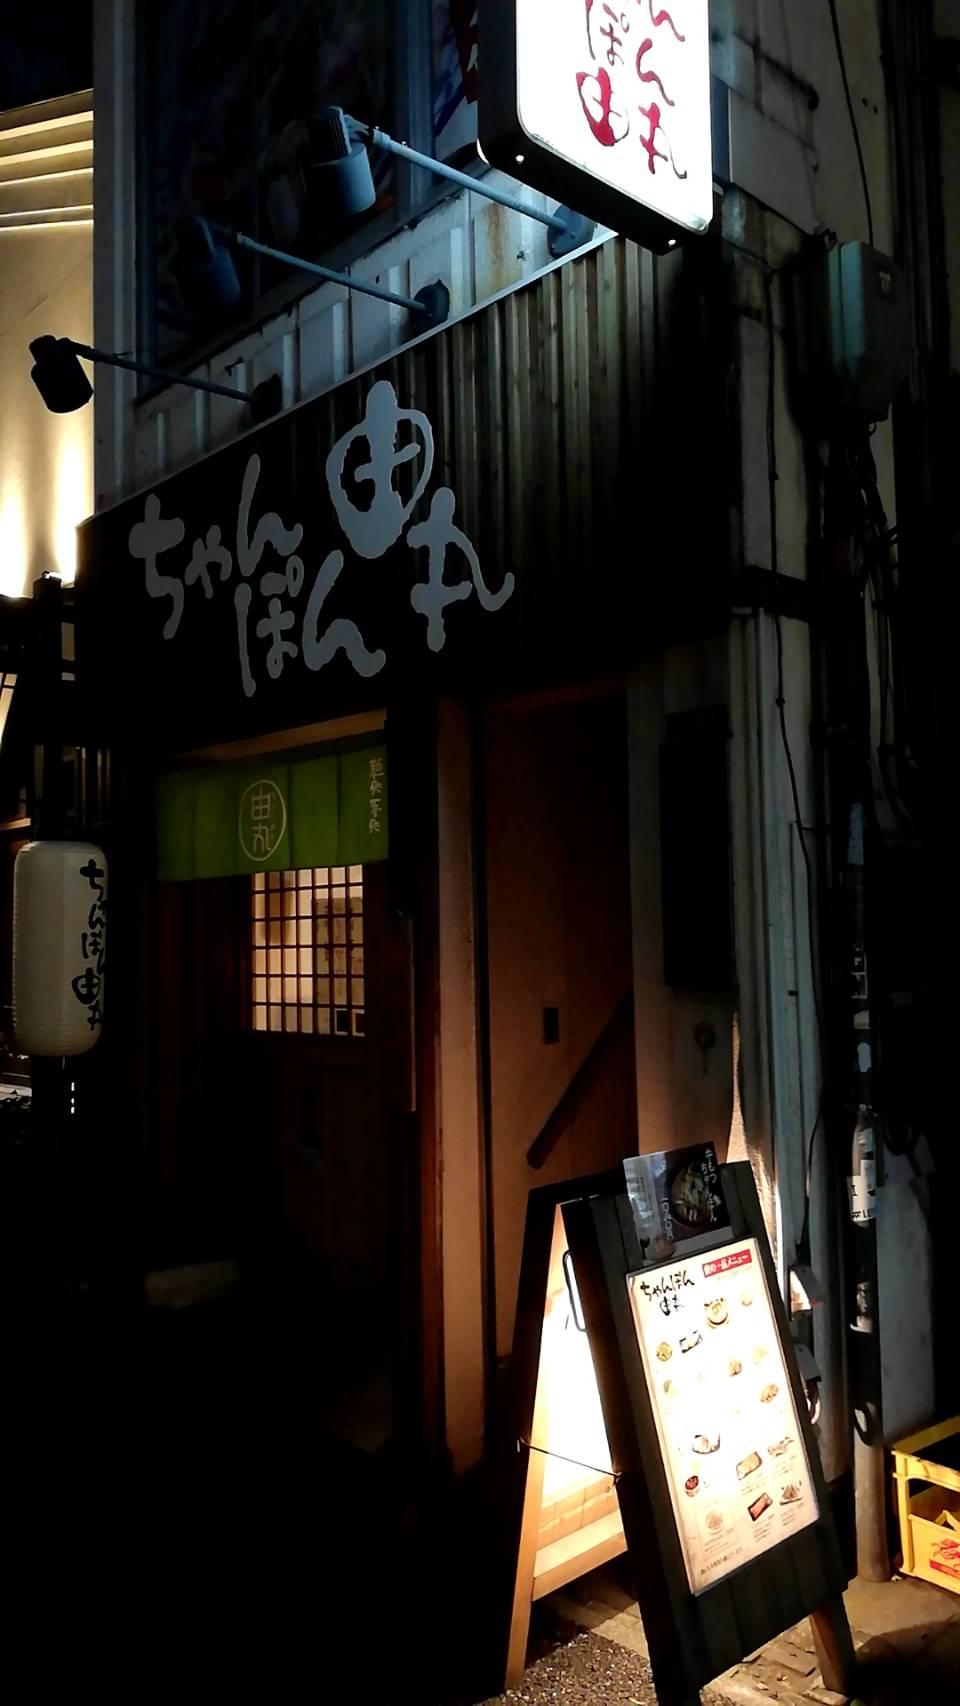 ちゃんぽん由丸(東京/ちゃんぽん)